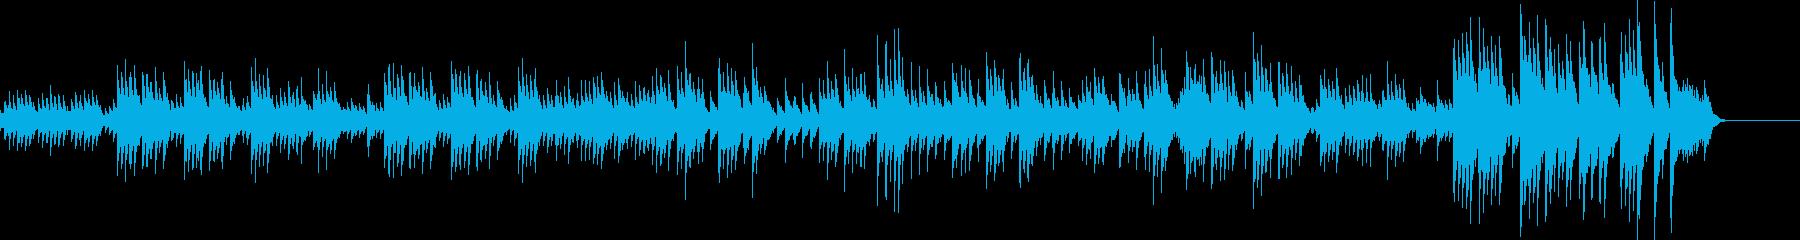 明るく優しいメロディーをオルゴールにしたの再生済みの波形